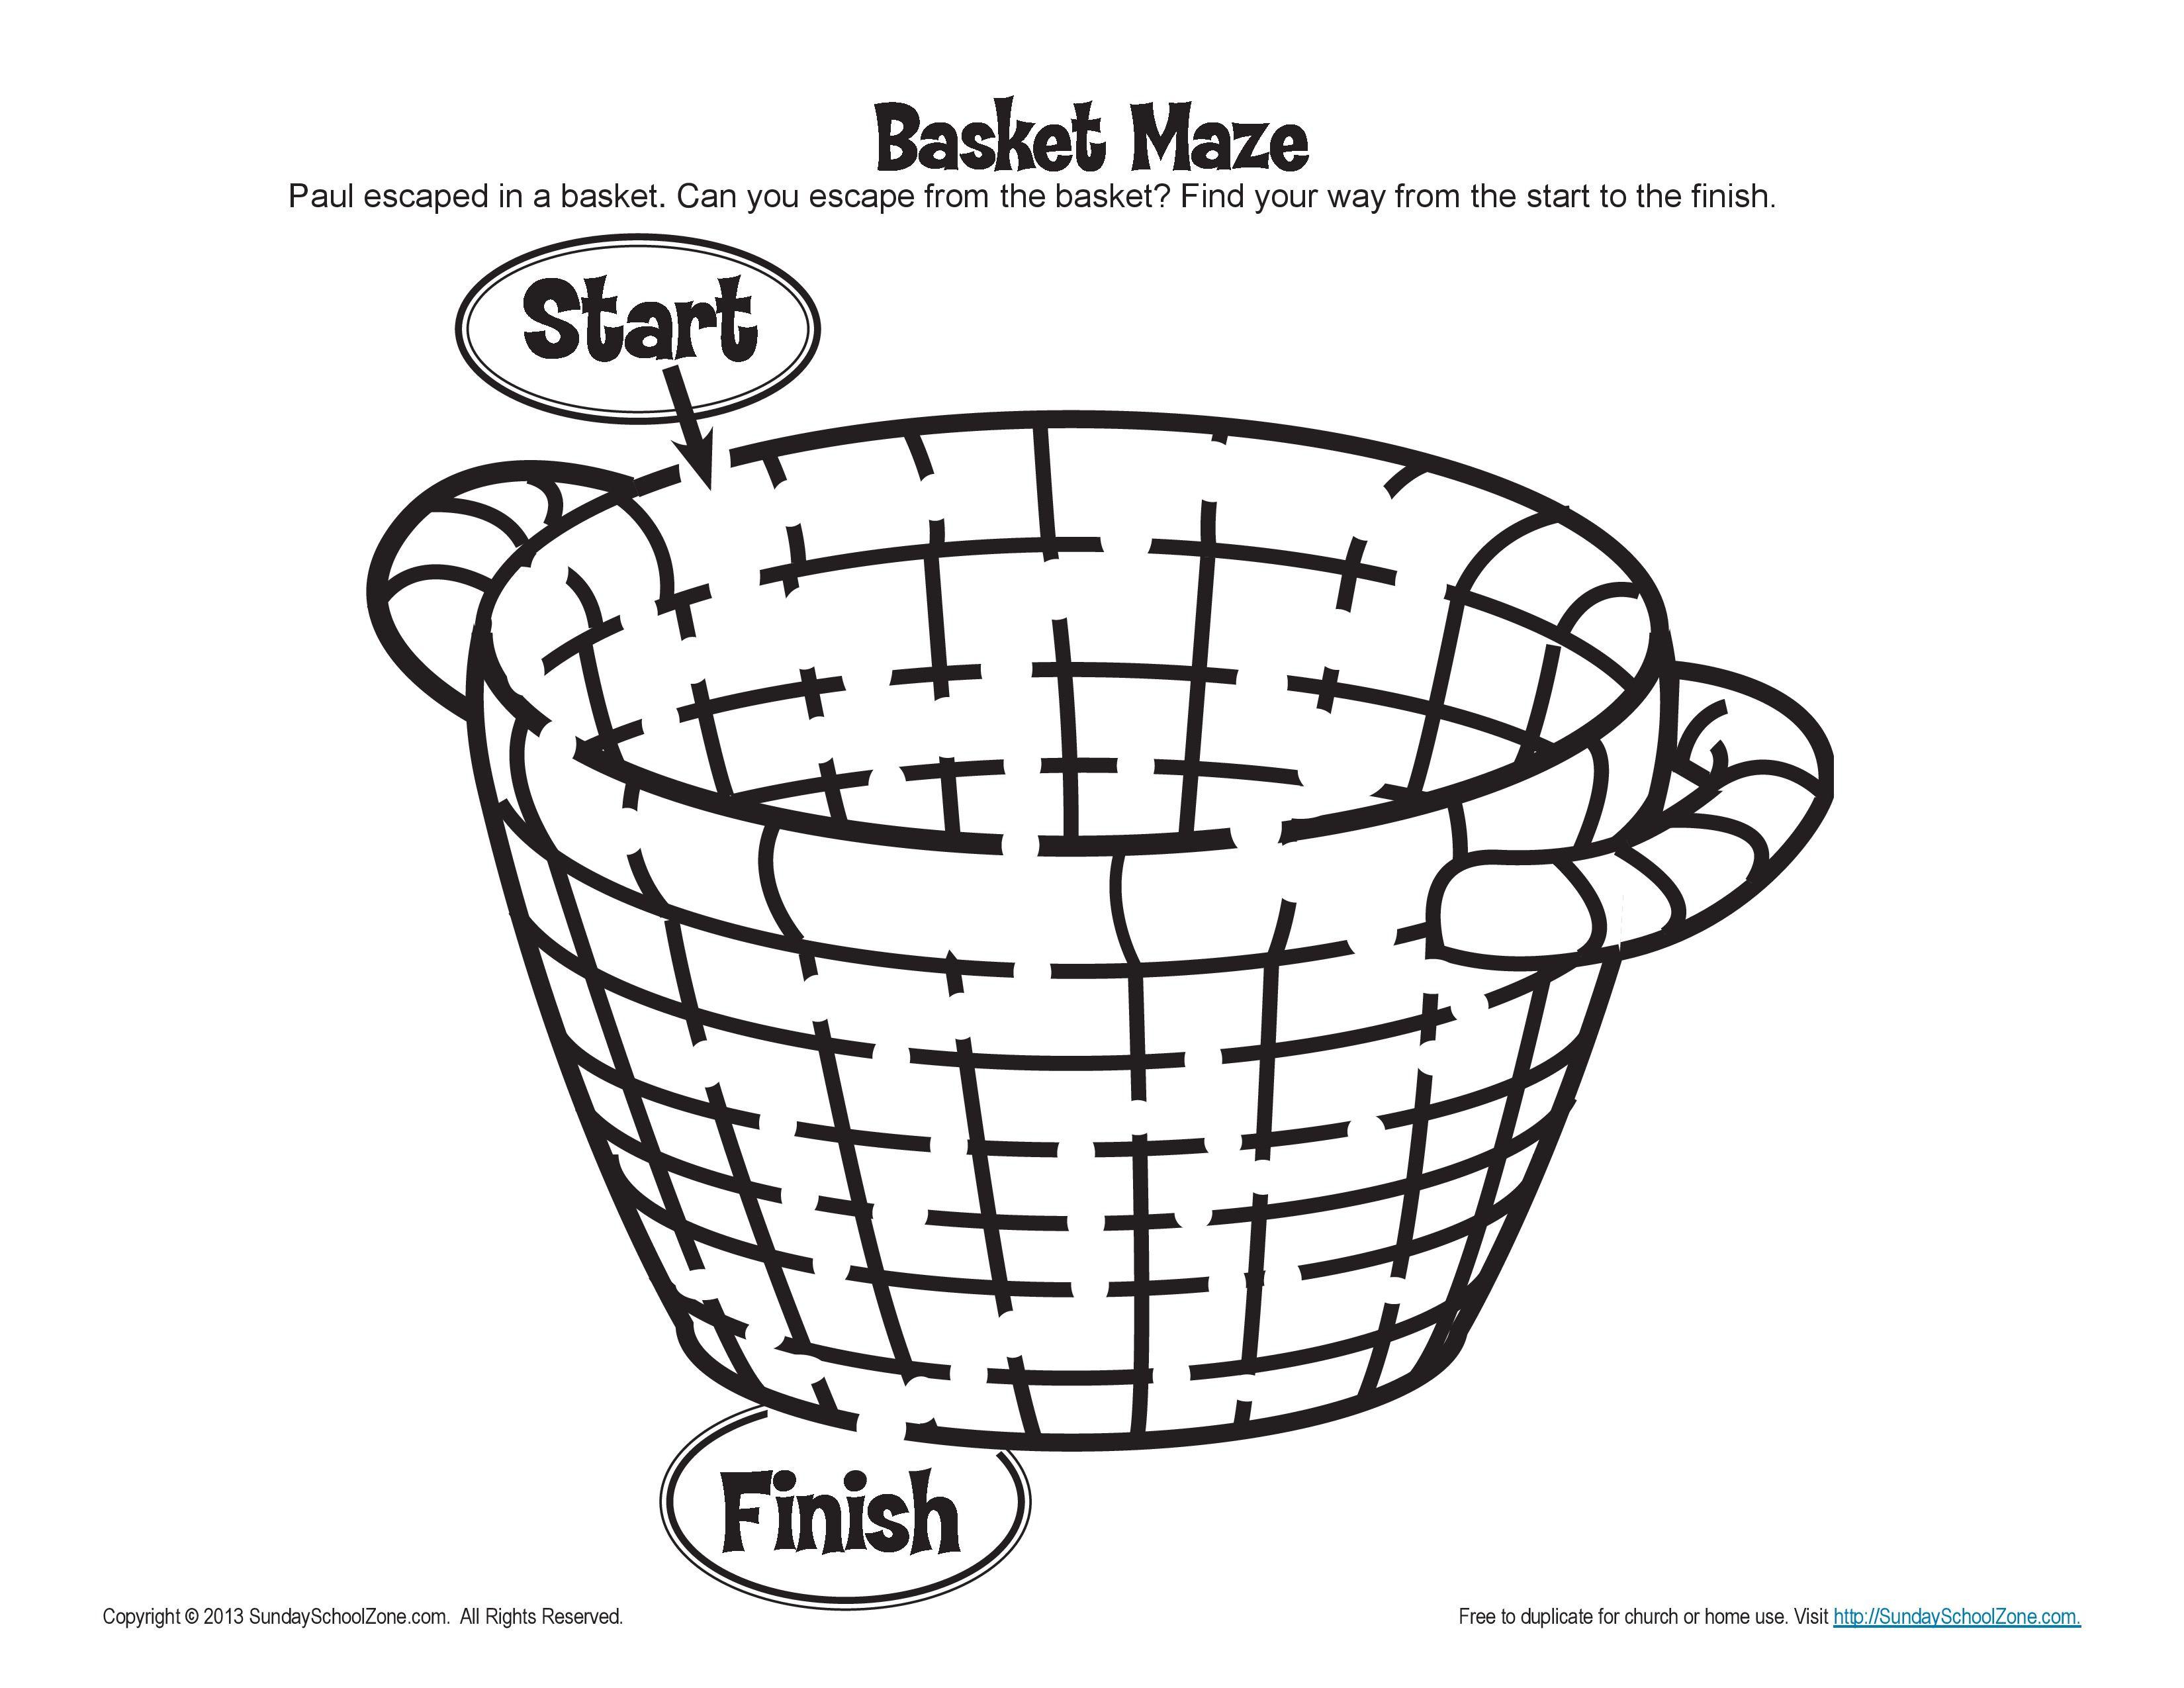 Paul S Escape Basket Maze Activity For Kids